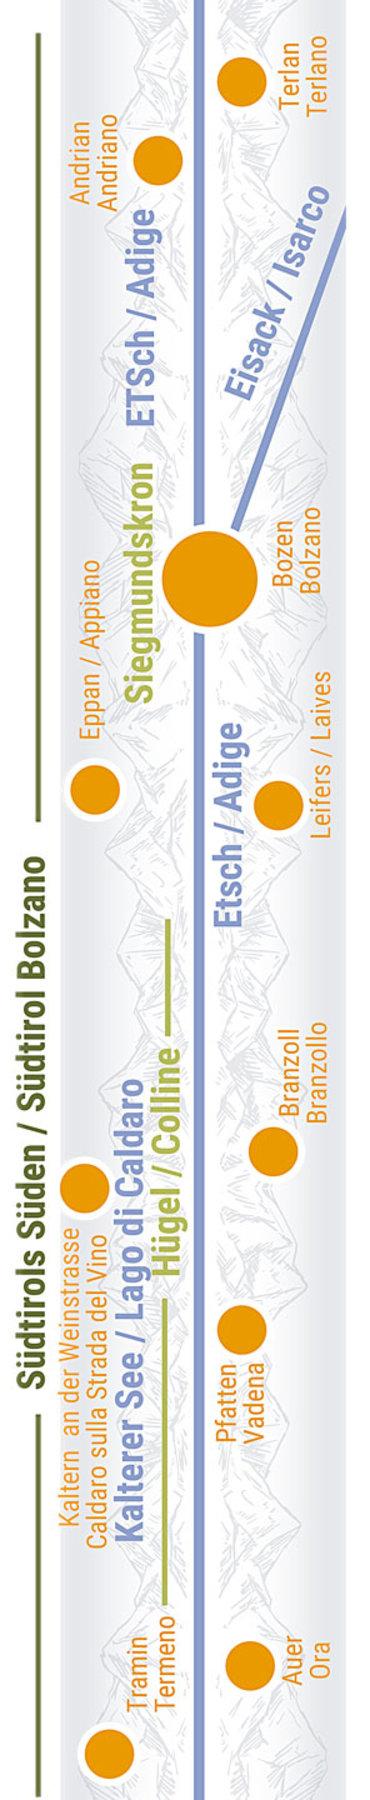 Übersichtskarte rechts Teilabschnitt 27 Bozen